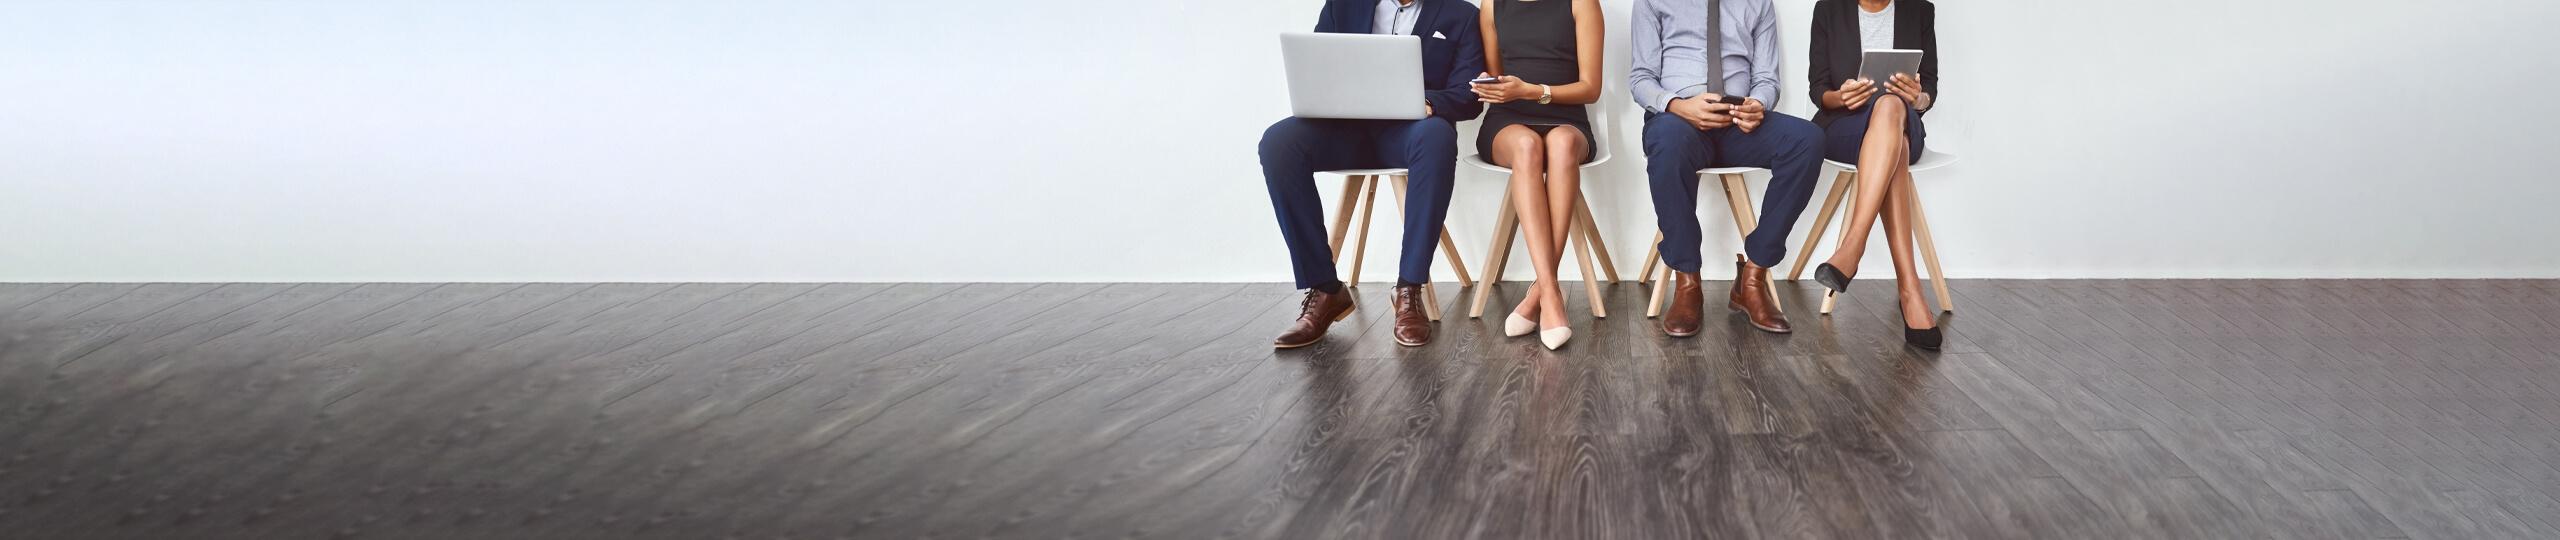 Büroangestellte – auf Stühlen sitzend